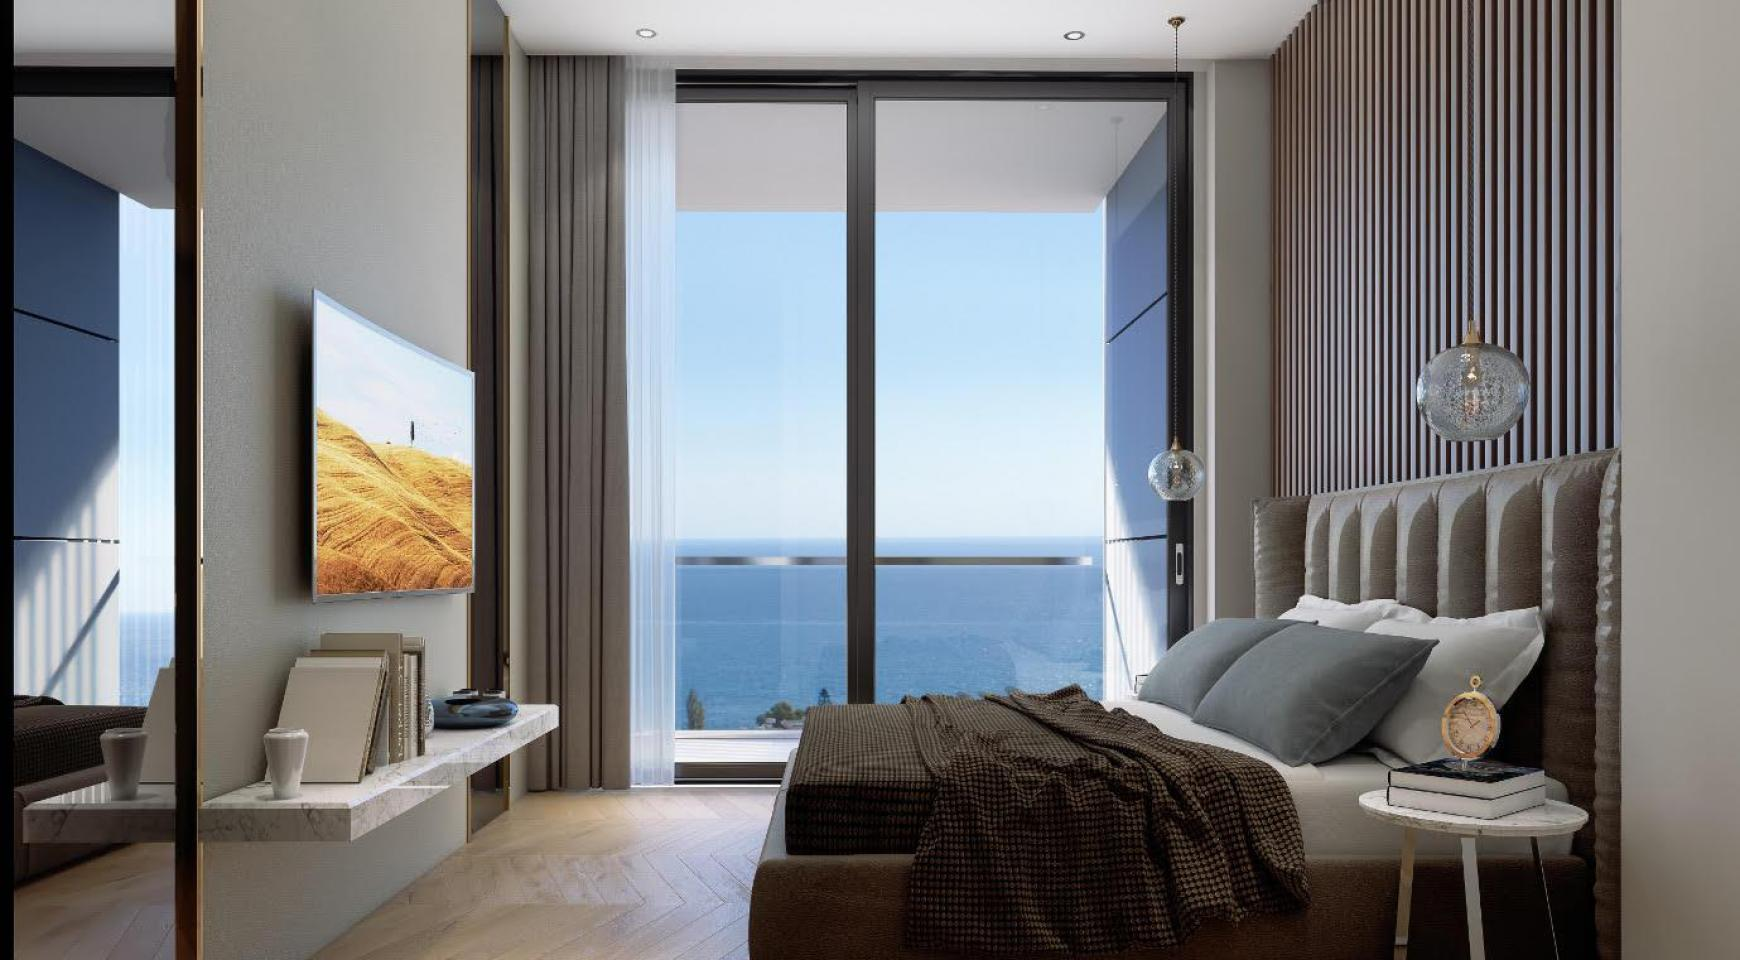 Современная 3-Спасльная Квартира с Видом на Море в Элитном Комплексе - 9